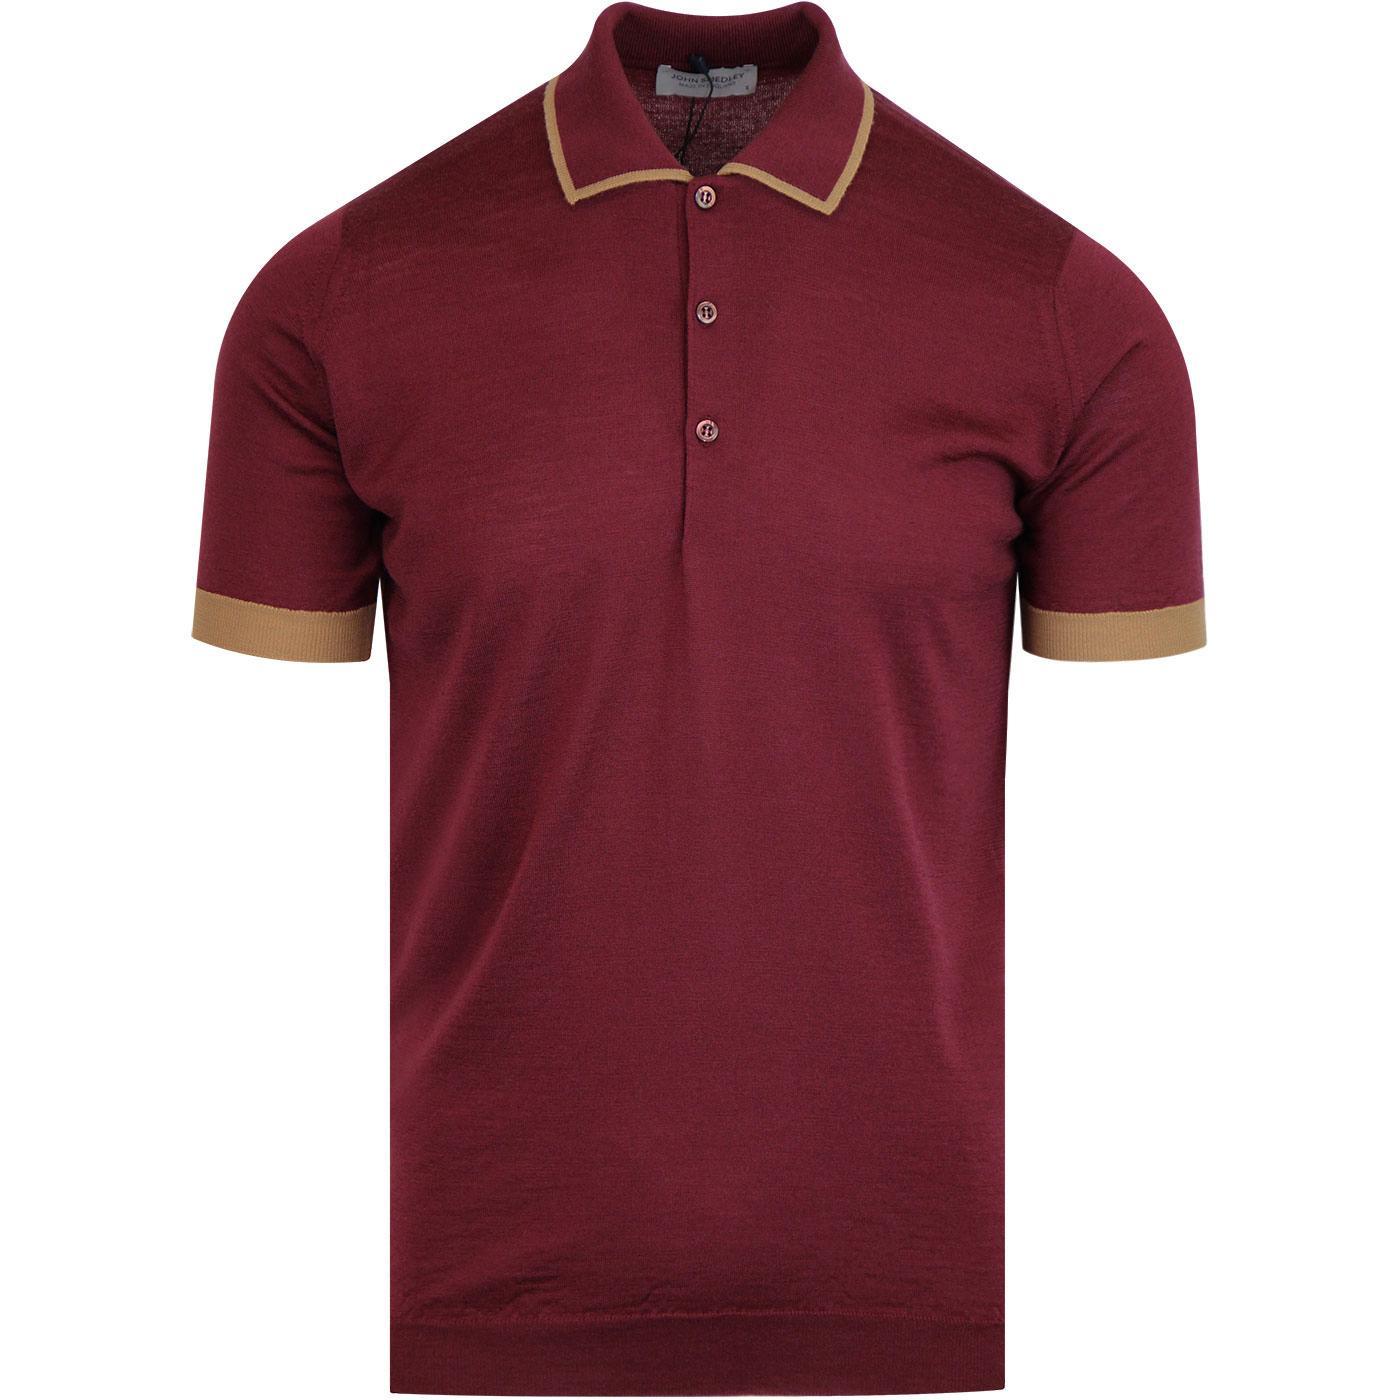 Nailsea JOHN SMEDLEY Men's Mod Tipped Polo Shirt